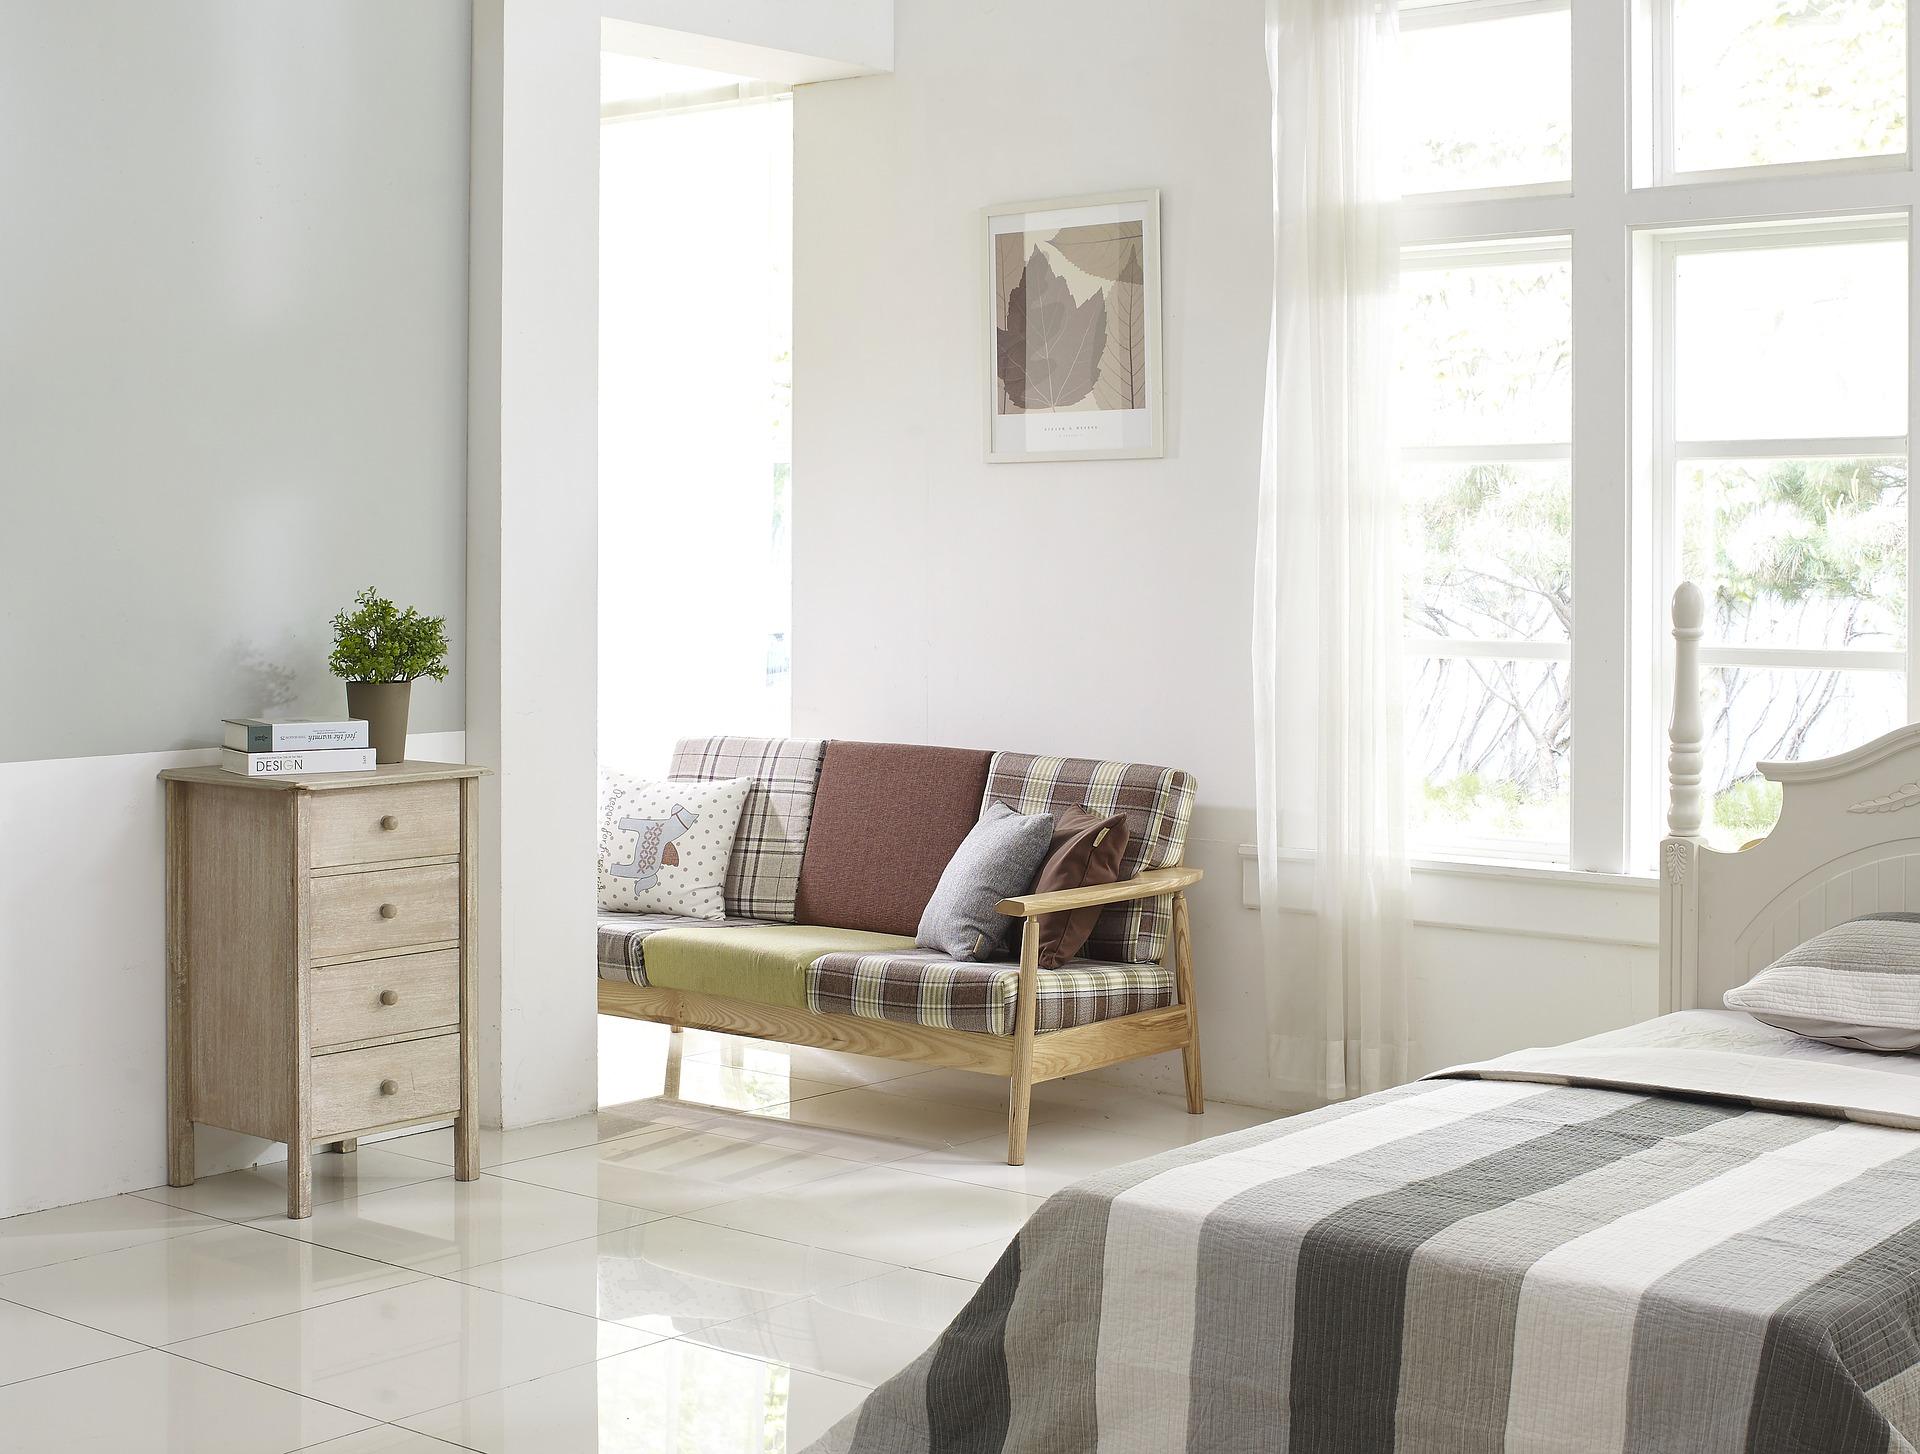 Feng Shui Farben für Zimmer - Wie sollte man Zimmer gestalten?